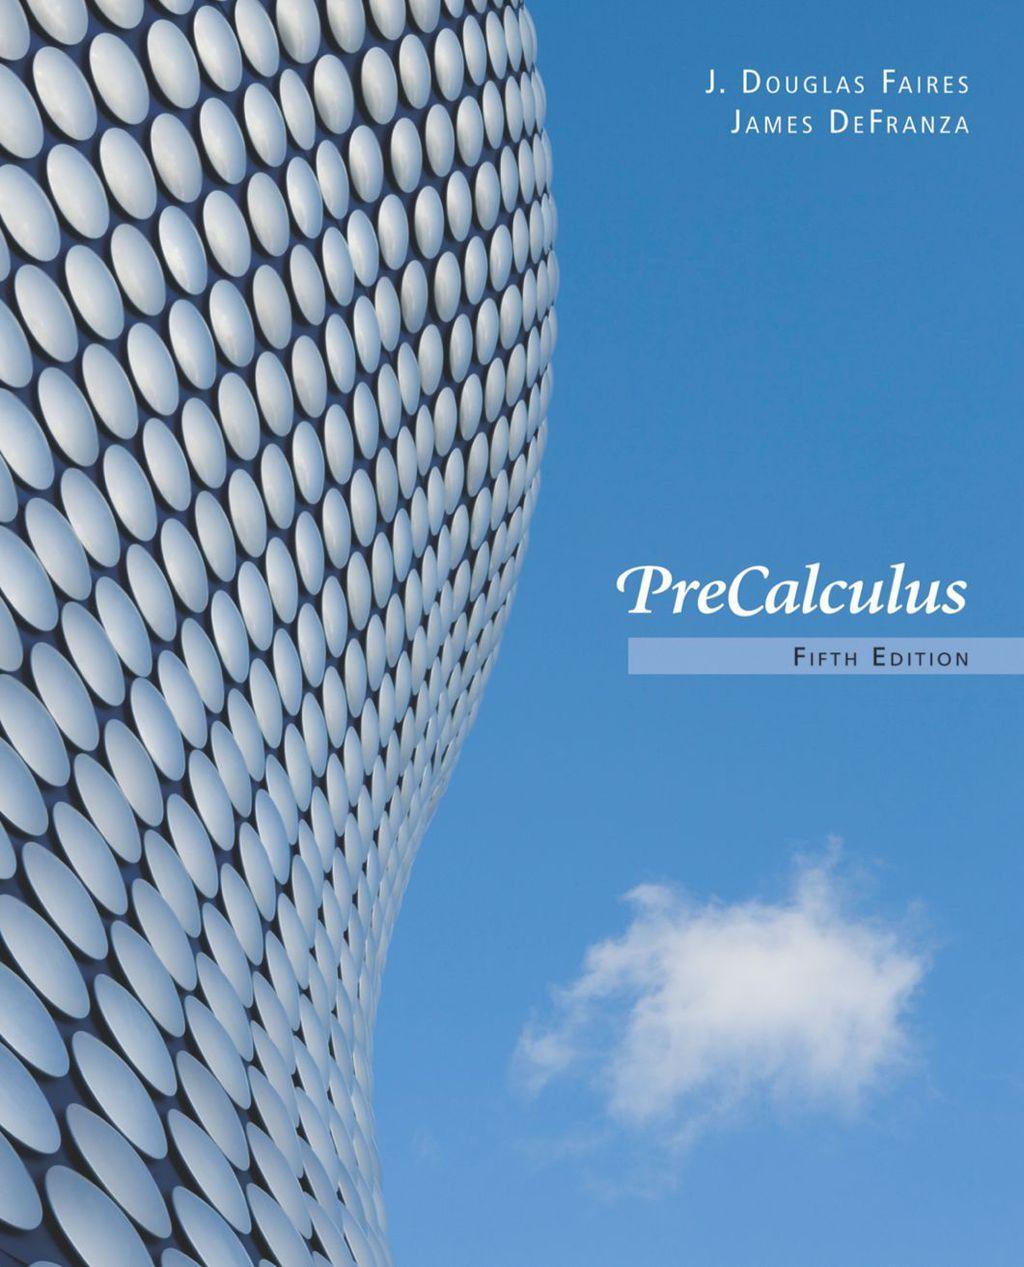 Precalculus (eBook Rental) in 2019   Products   Precalculus